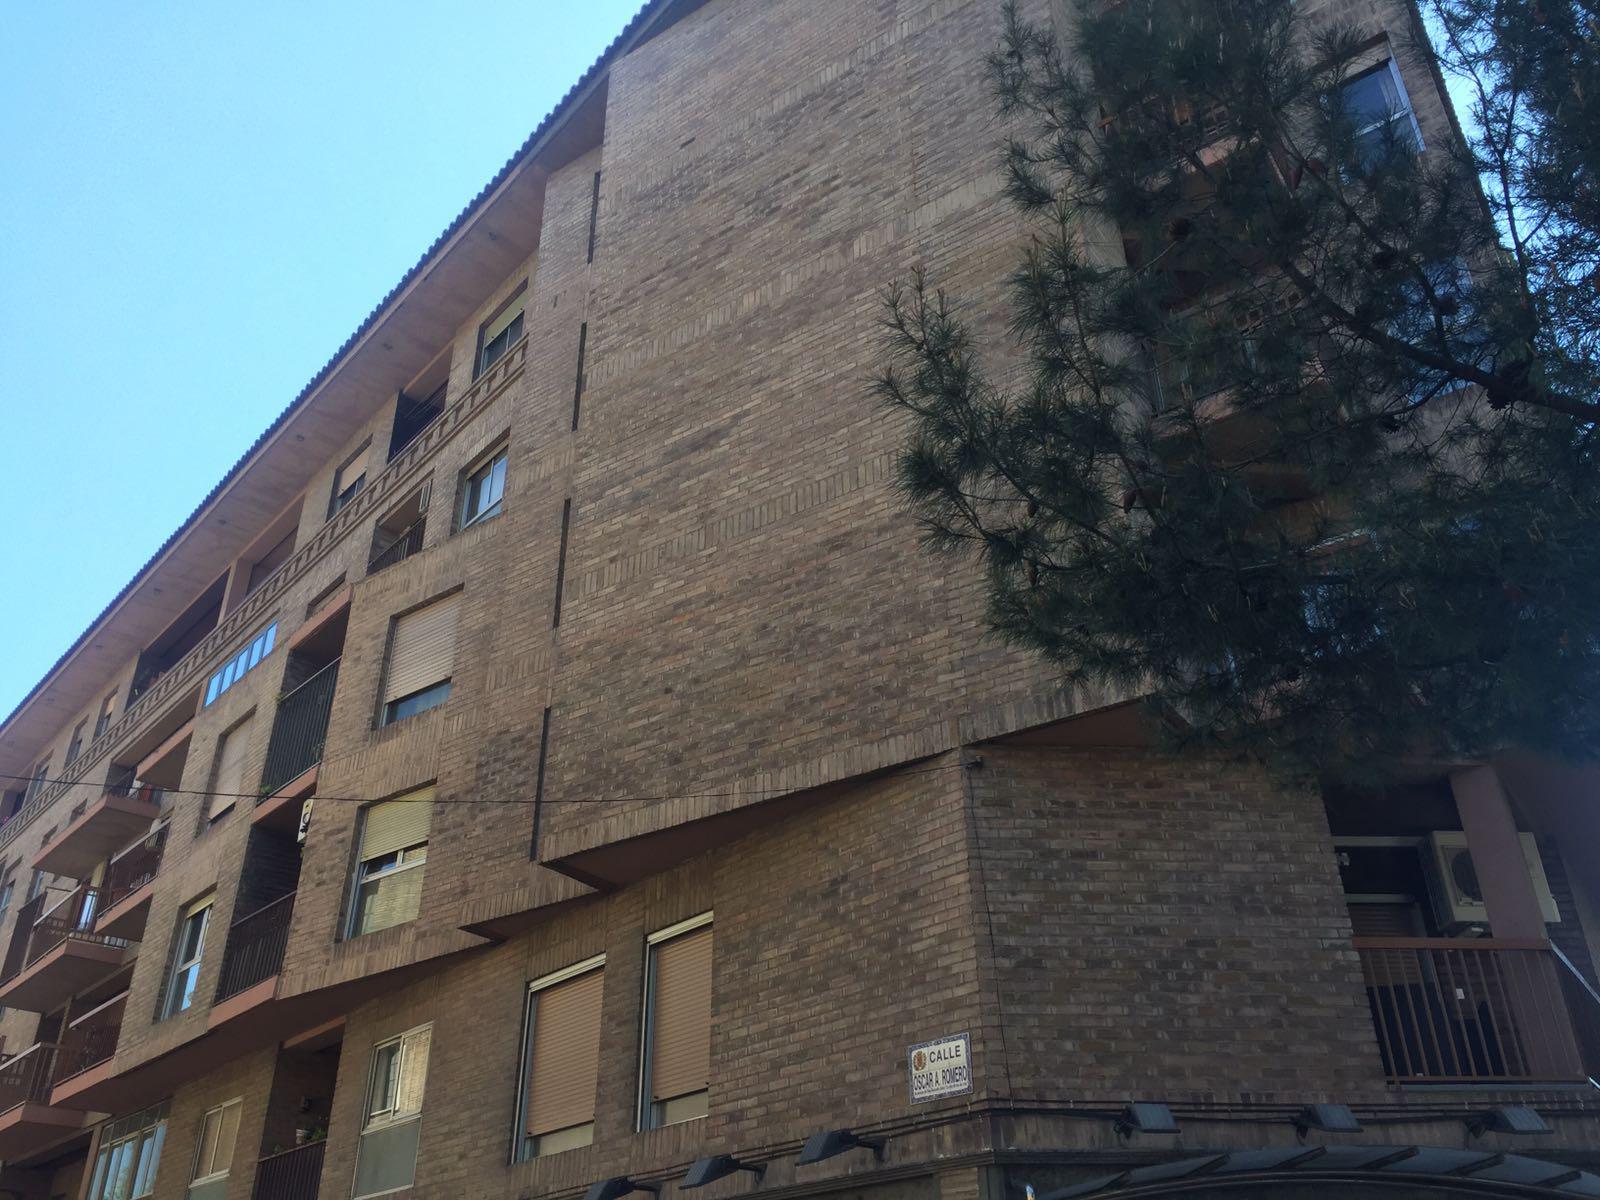 183994 - Portillo - Centro